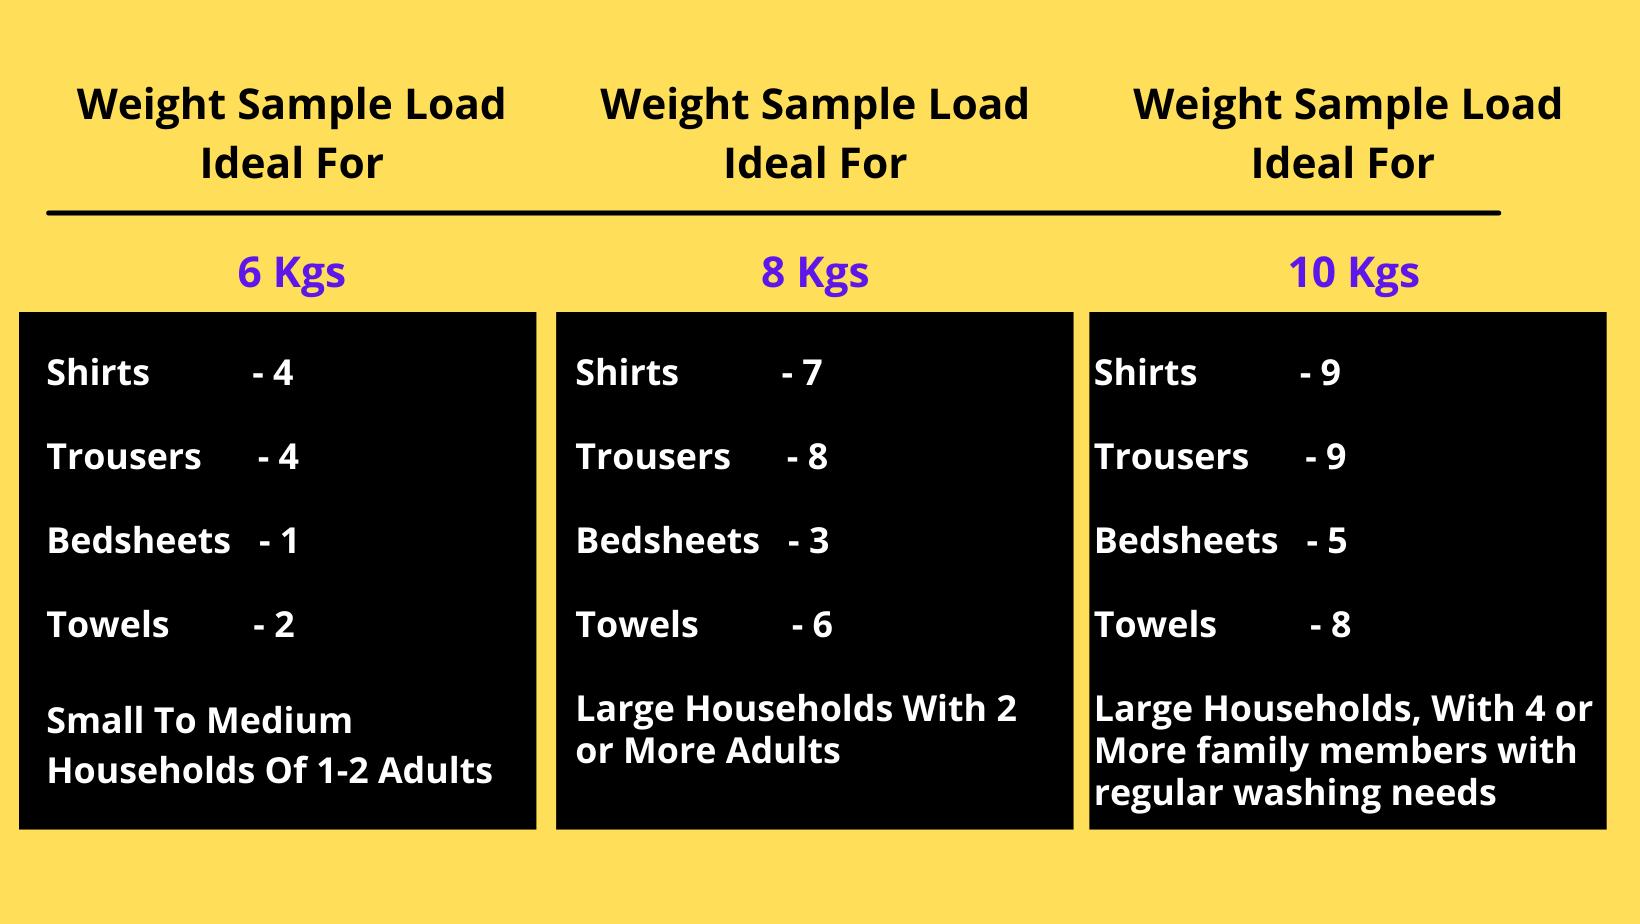 वाशिंग मशीन लोड नहीं उठा रही – वाशिंग मशीन कौन सा ले इसके बारे में पुरी जानकारी